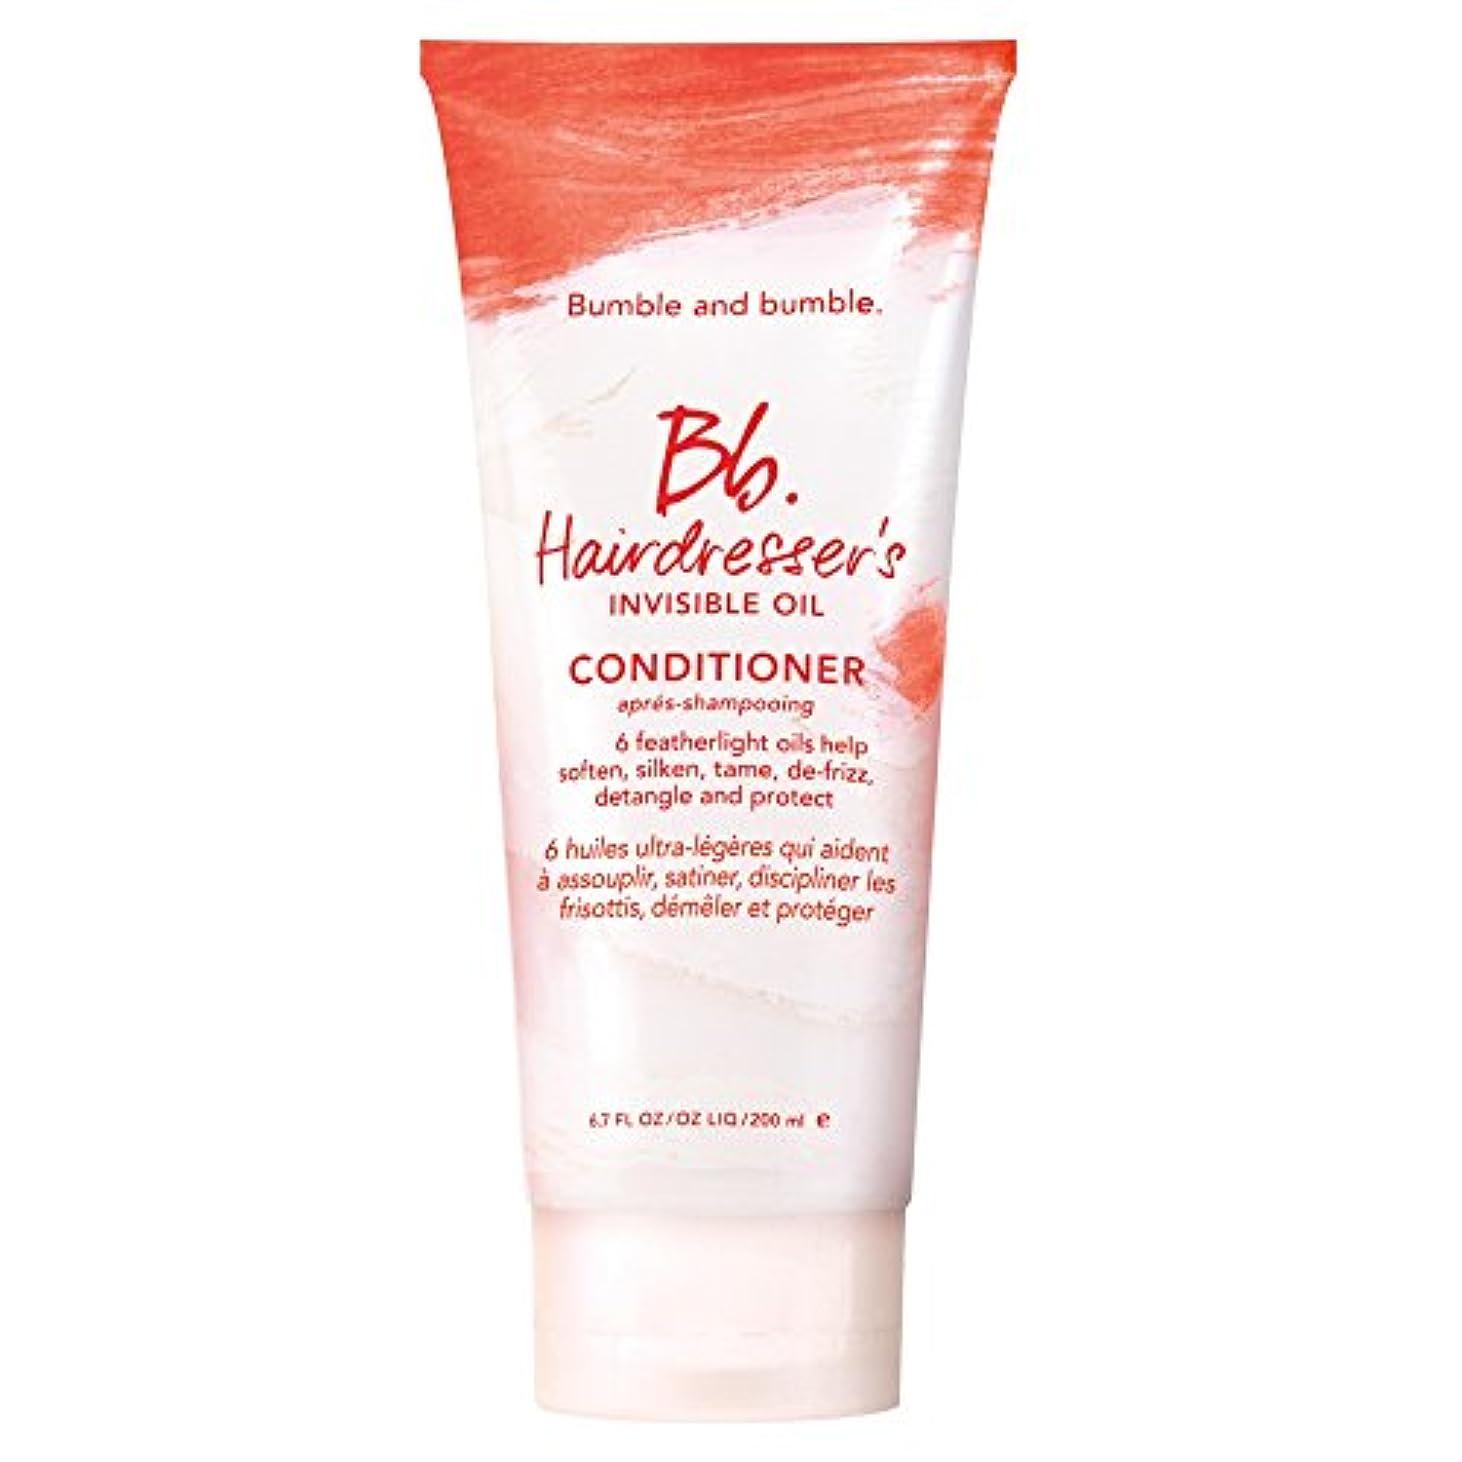 独占胃懇願するバンブルアンドバンブル美容見えないオイルコンディショナー200ミリリットル (Bumble and bumble) - Bumble and bumble Hairdressers invisible oil conditioner...